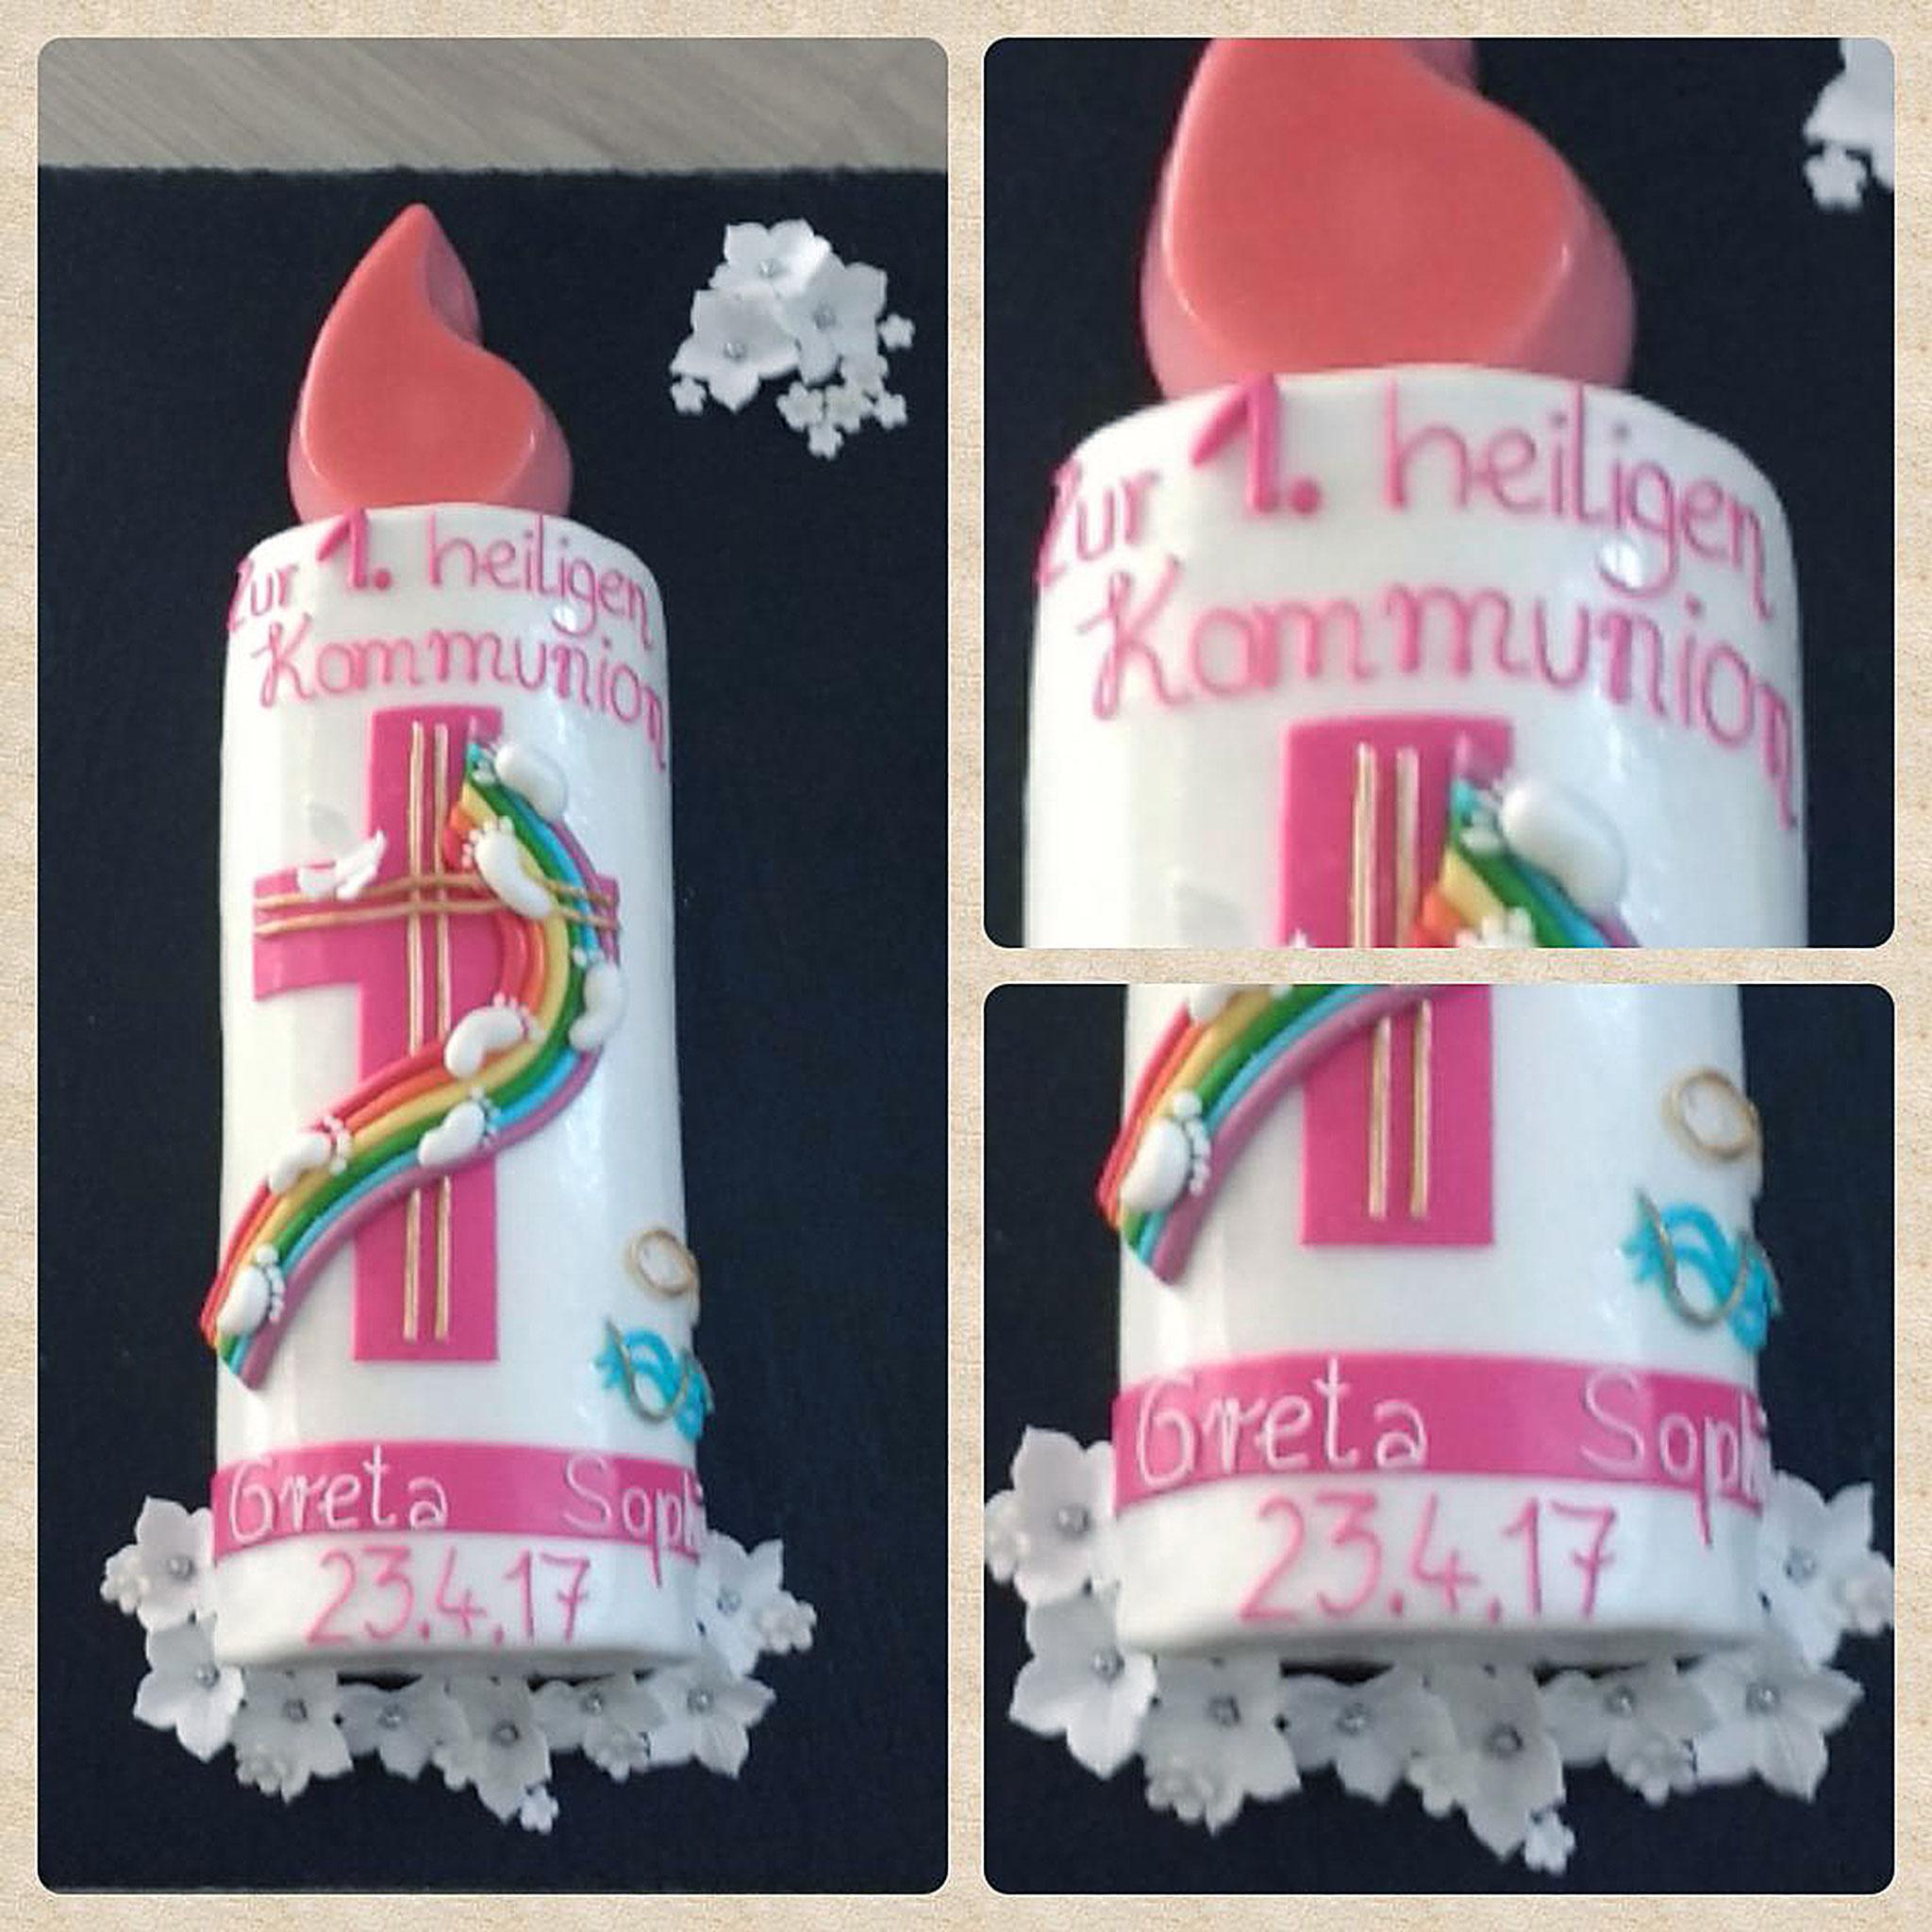 Kommunionstorte Kerze Regenbogen, Fußabdrücke und Kreuz